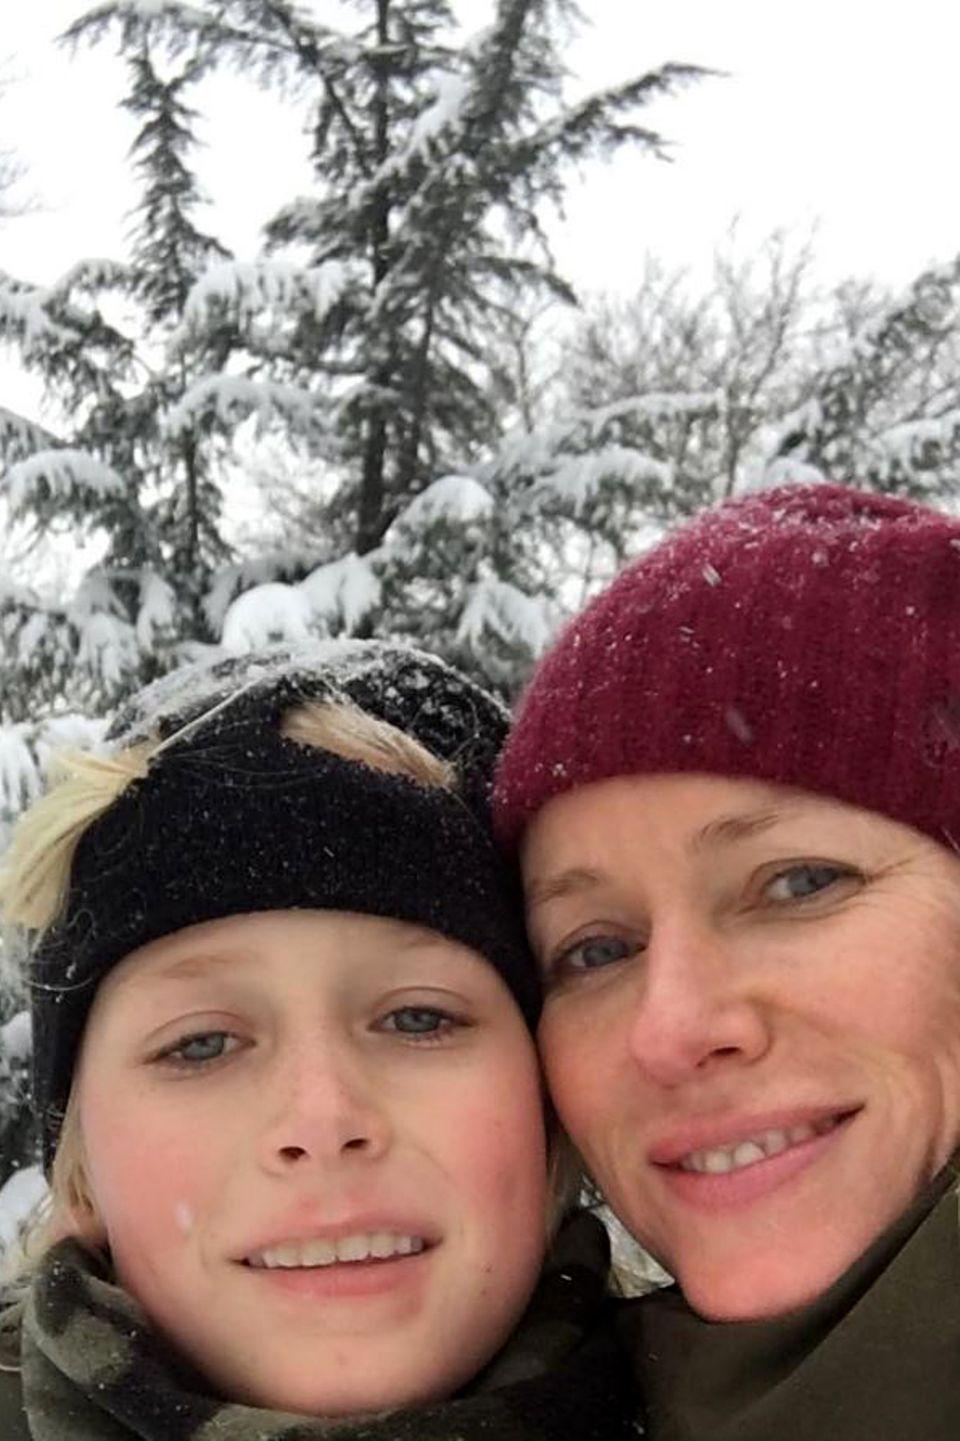 Alexander Pete Schreiber und Naomi Watts  Diese beiden sind definitiv verwandt. Hollywoodschauspielerin Naomi Watts hat zwei Söhne. Hier lässt sie sich mit Alexander im Schnee fotografieren. Ihr Erstgeborener sieht ihr verblüffend ähnlich.